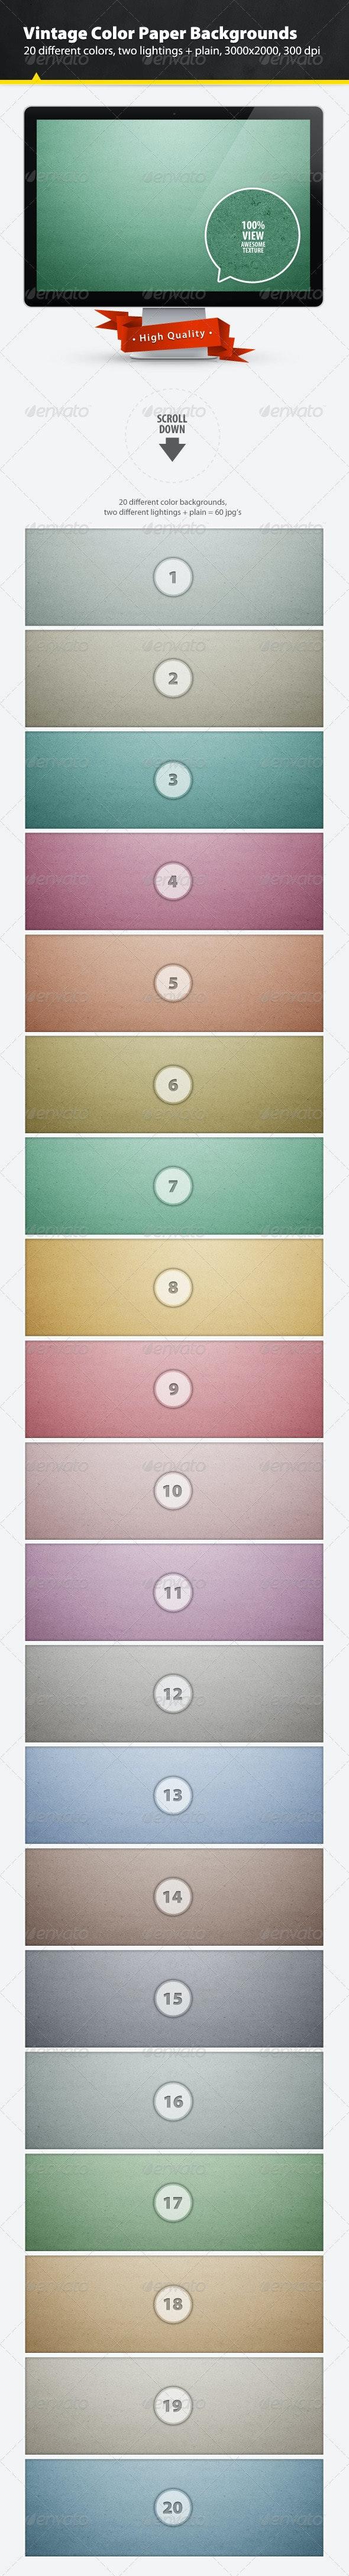 Vintage Color Paper Backgrounds - Patterns Backgrounds